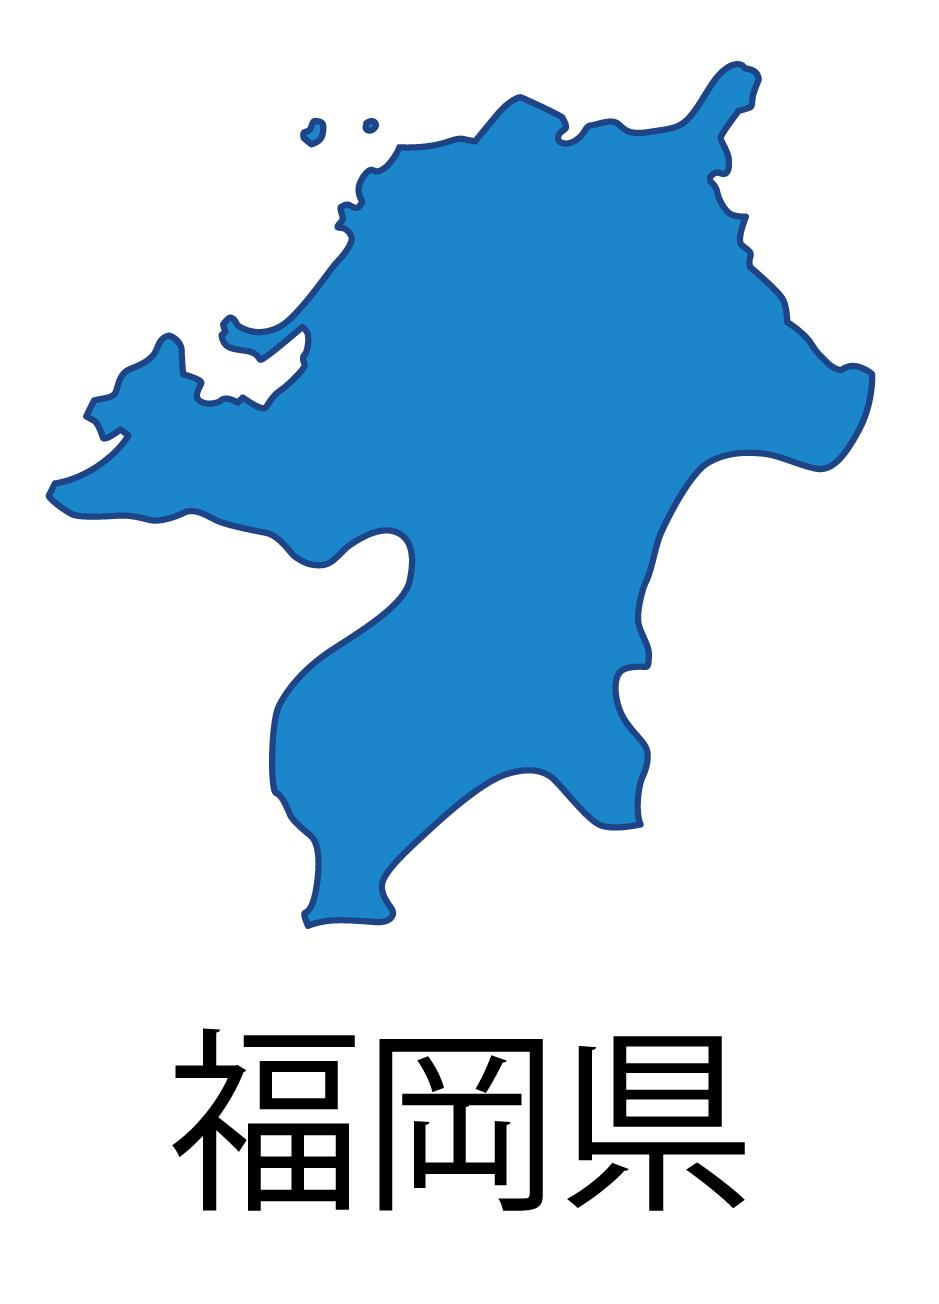 福岡県無料フリーイラスト|日本語・都道府県名あり(青)